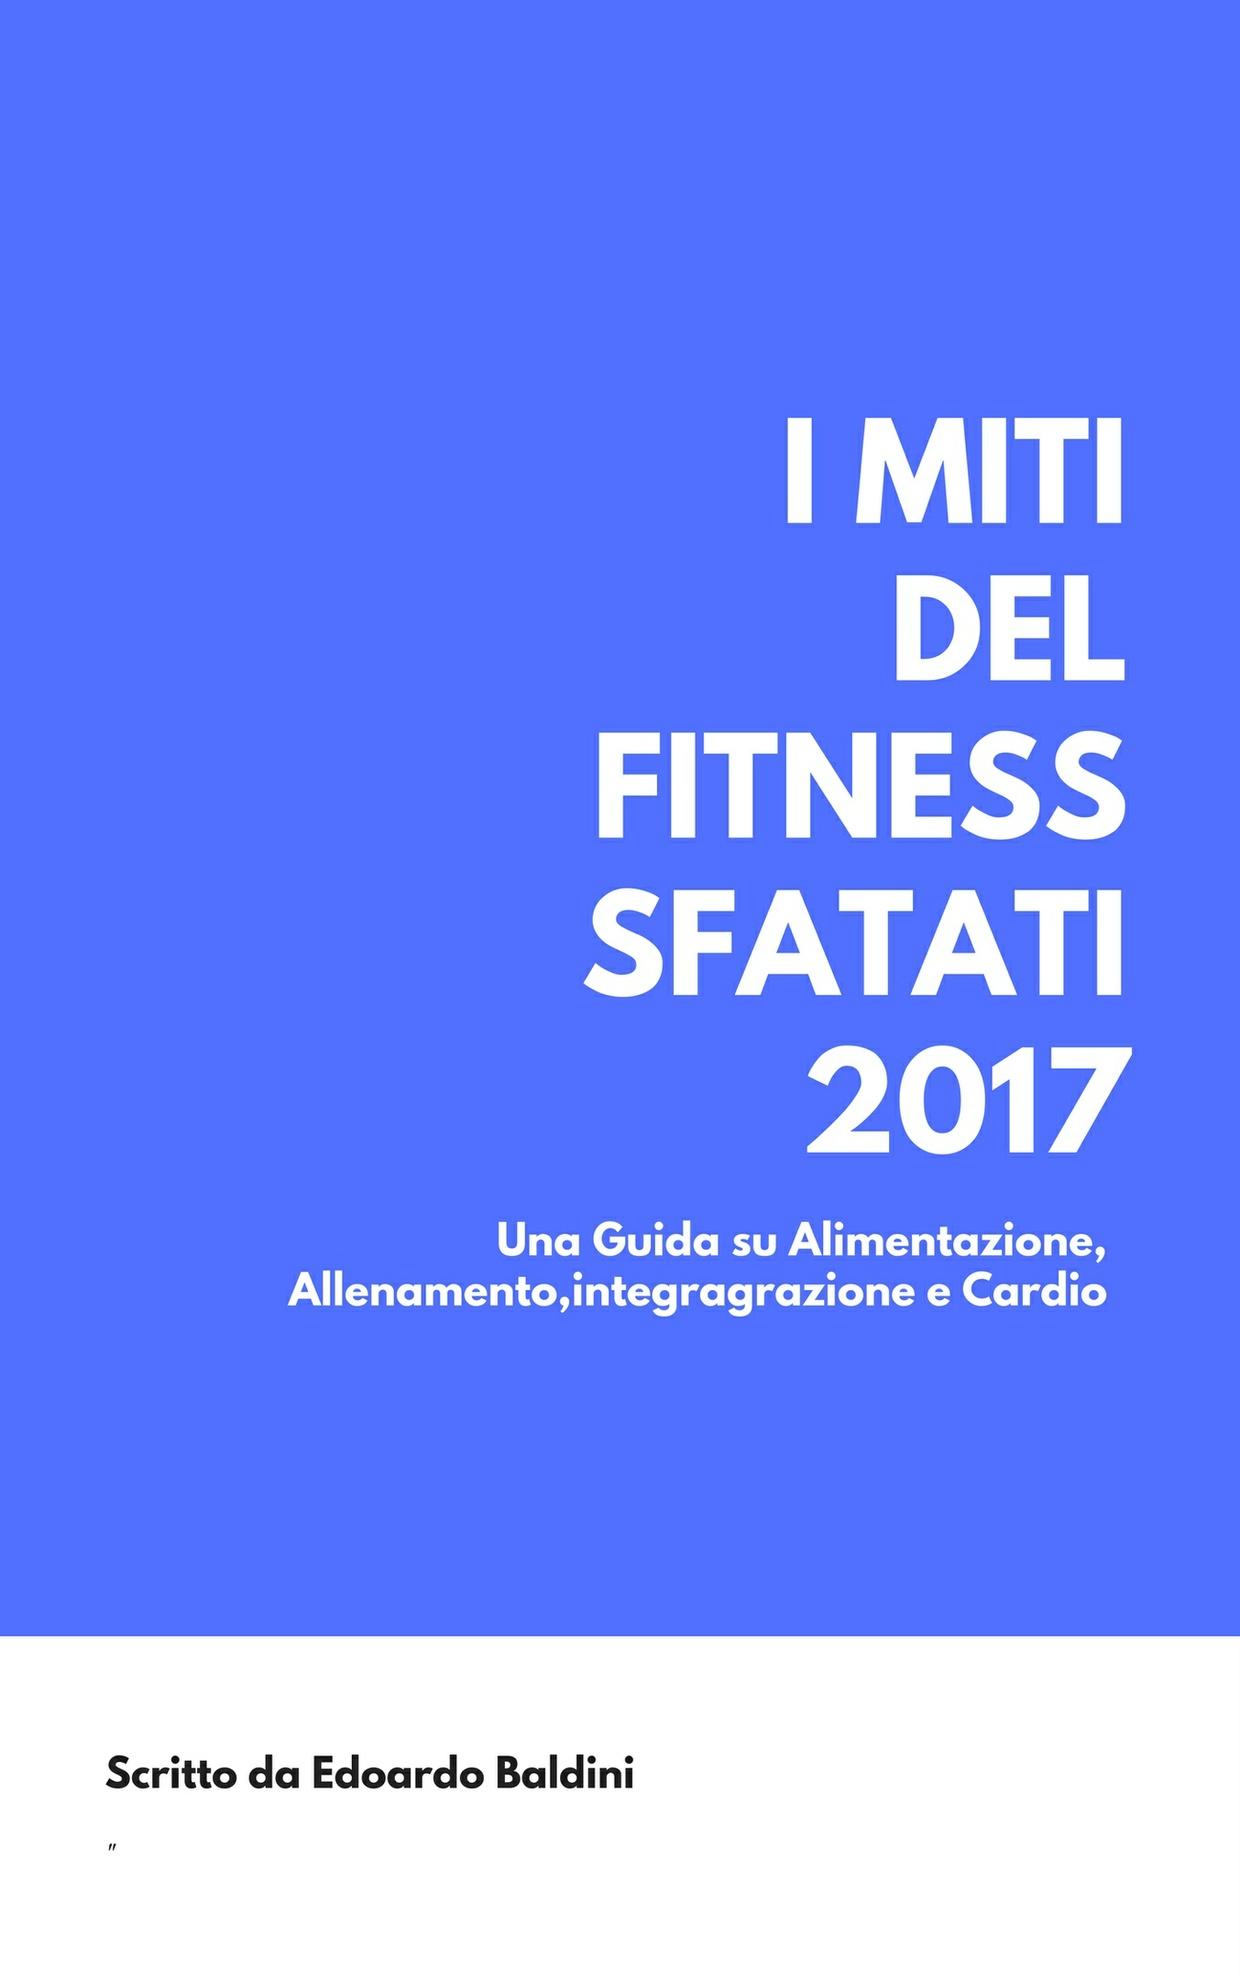 I MITI DEL FITNESS SFATATI 2017 + MARCHE INTEGRATORI + SCHEDE ALLENAMENTO